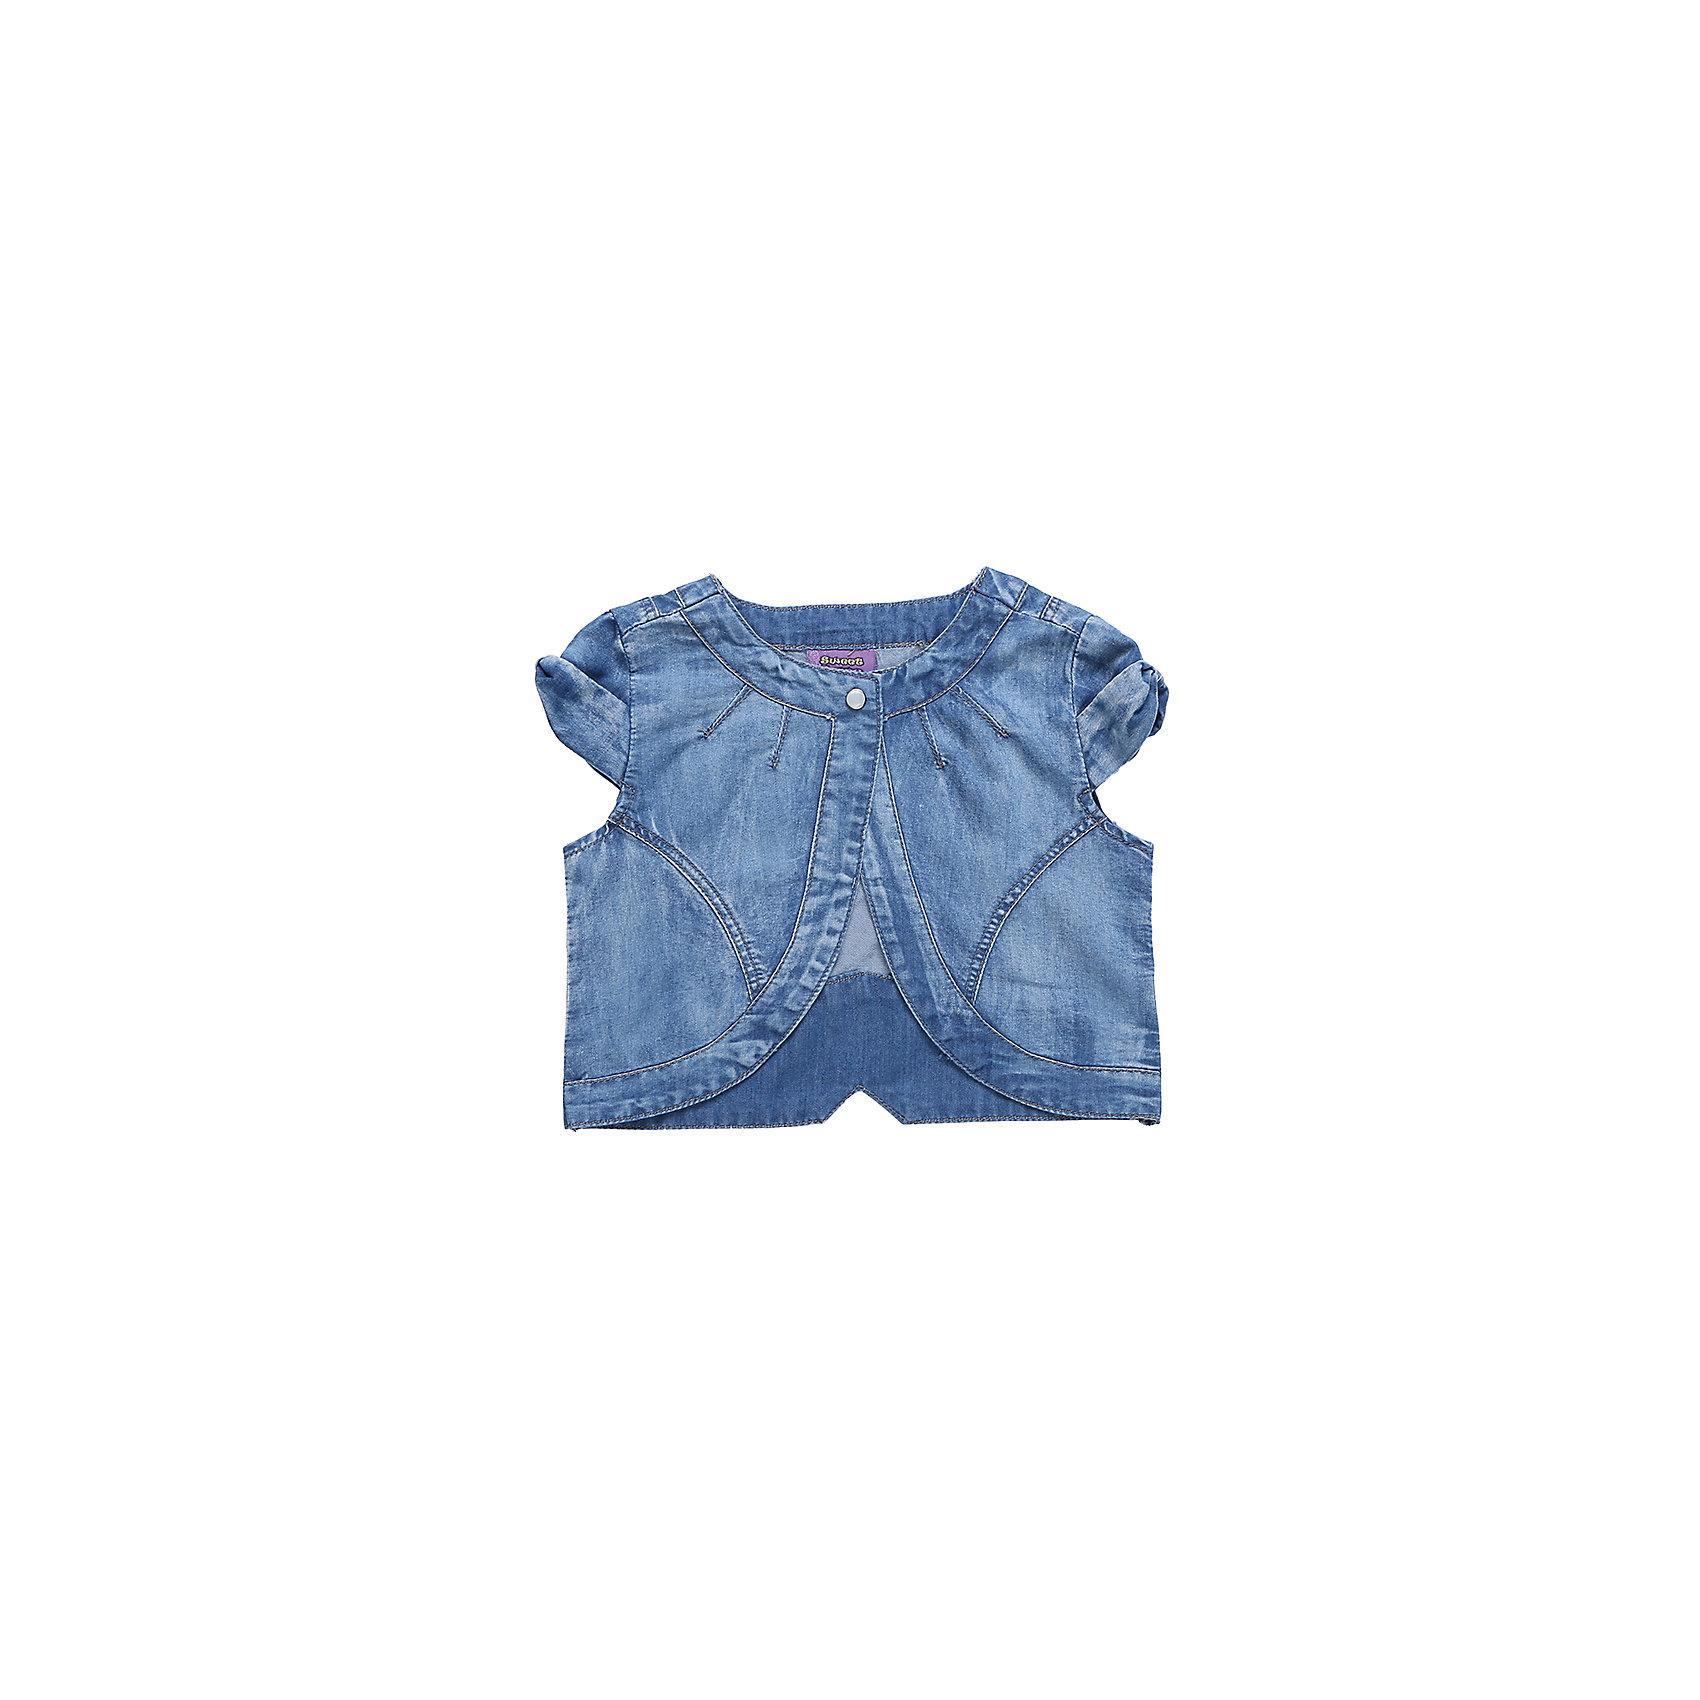 Жилет джинсовый для девочки Sweet BerryДжинсовая одежда<br>Укороченный жилет для девочки из хлопковой ткани под джинсу. Декорирован яркой вышивкой.<br>Состав:<br>100%хлопок<br><br>Ширина мм: 190<br>Глубина мм: 74<br>Высота мм: 229<br>Вес г: 236<br>Цвет: синий<br>Возраст от месяцев: 36<br>Возраст до месяцев: 48<br>Пол: Женский<br>Возраст: Детский<br>Размер: 104,98,110,116,122,128<br>SKU: 5410091